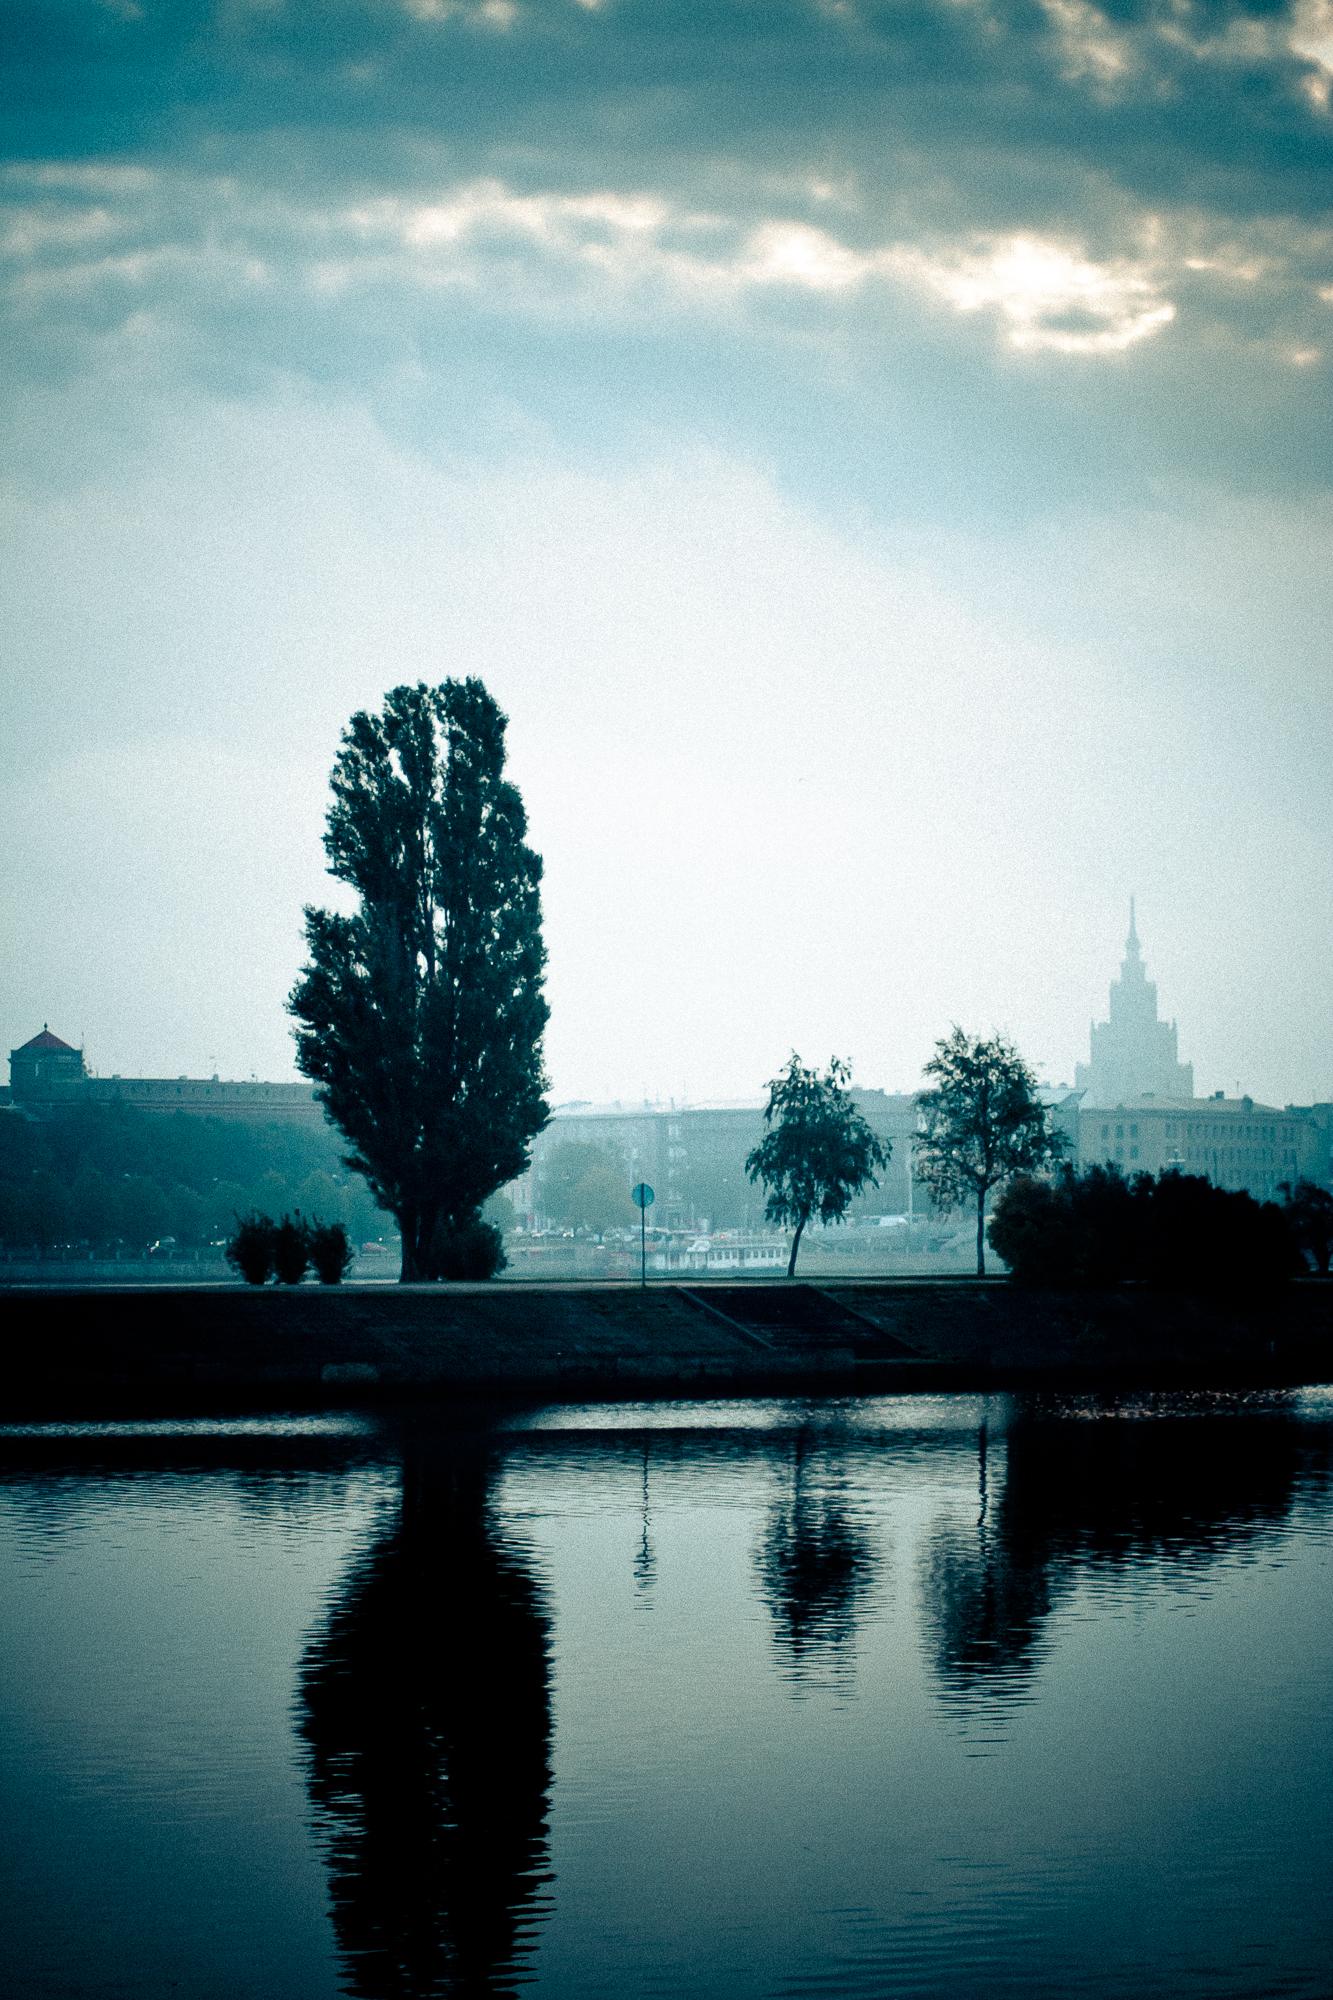 Mist Over Riga In Morning Via @Atisgailis